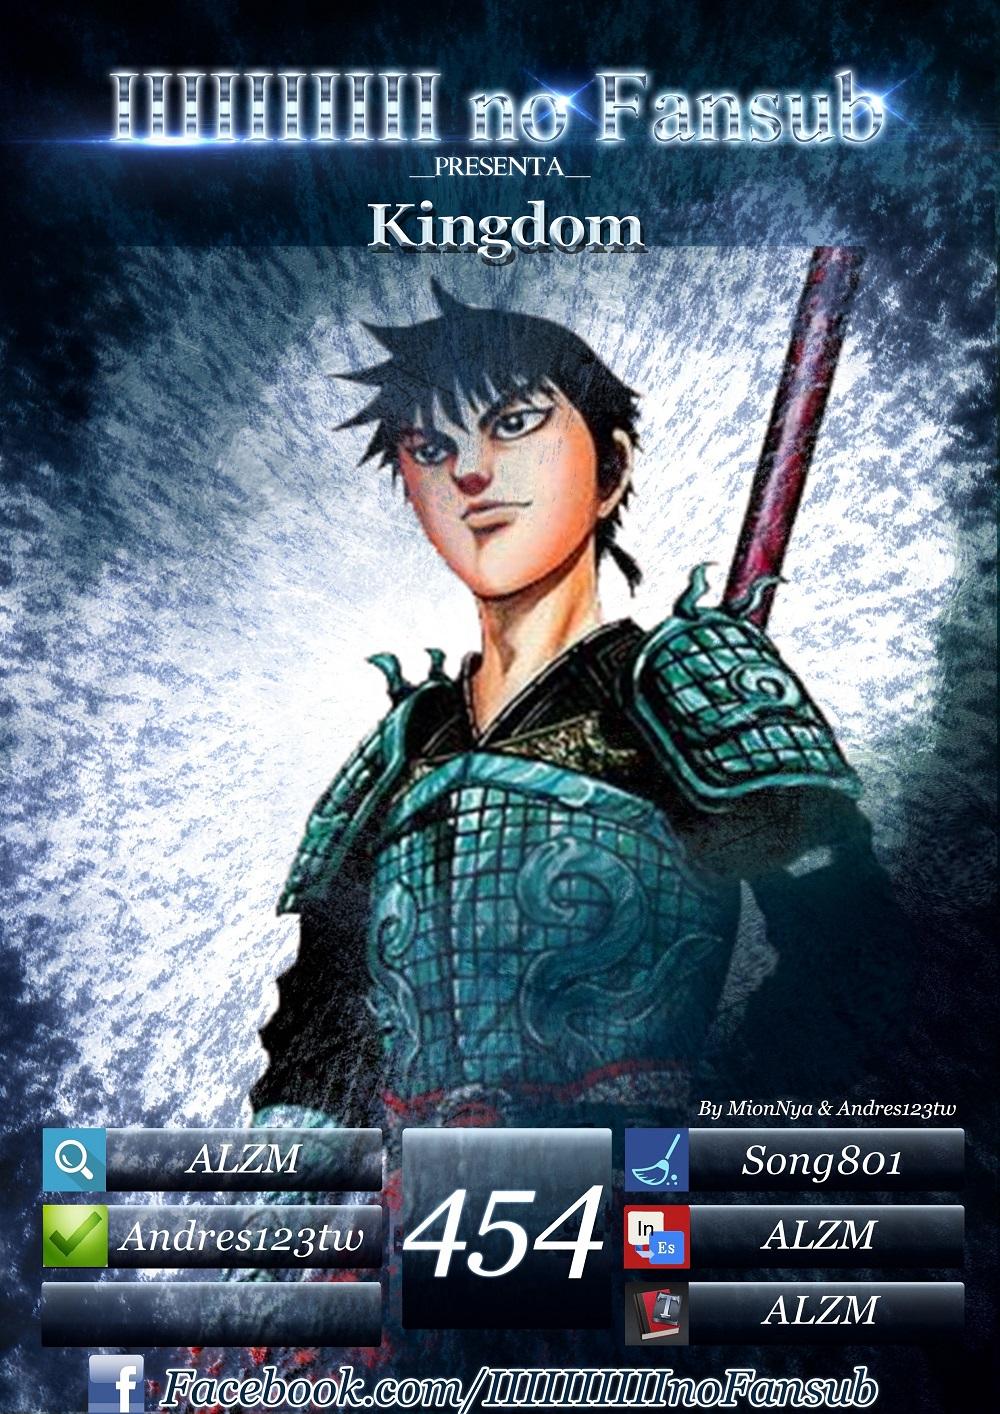 http://c5.ninemanga.com/es_manga/19/12307/431197/dbbfe04fa9f0636ab7c76b7e09bea0bd.jpg Page 1